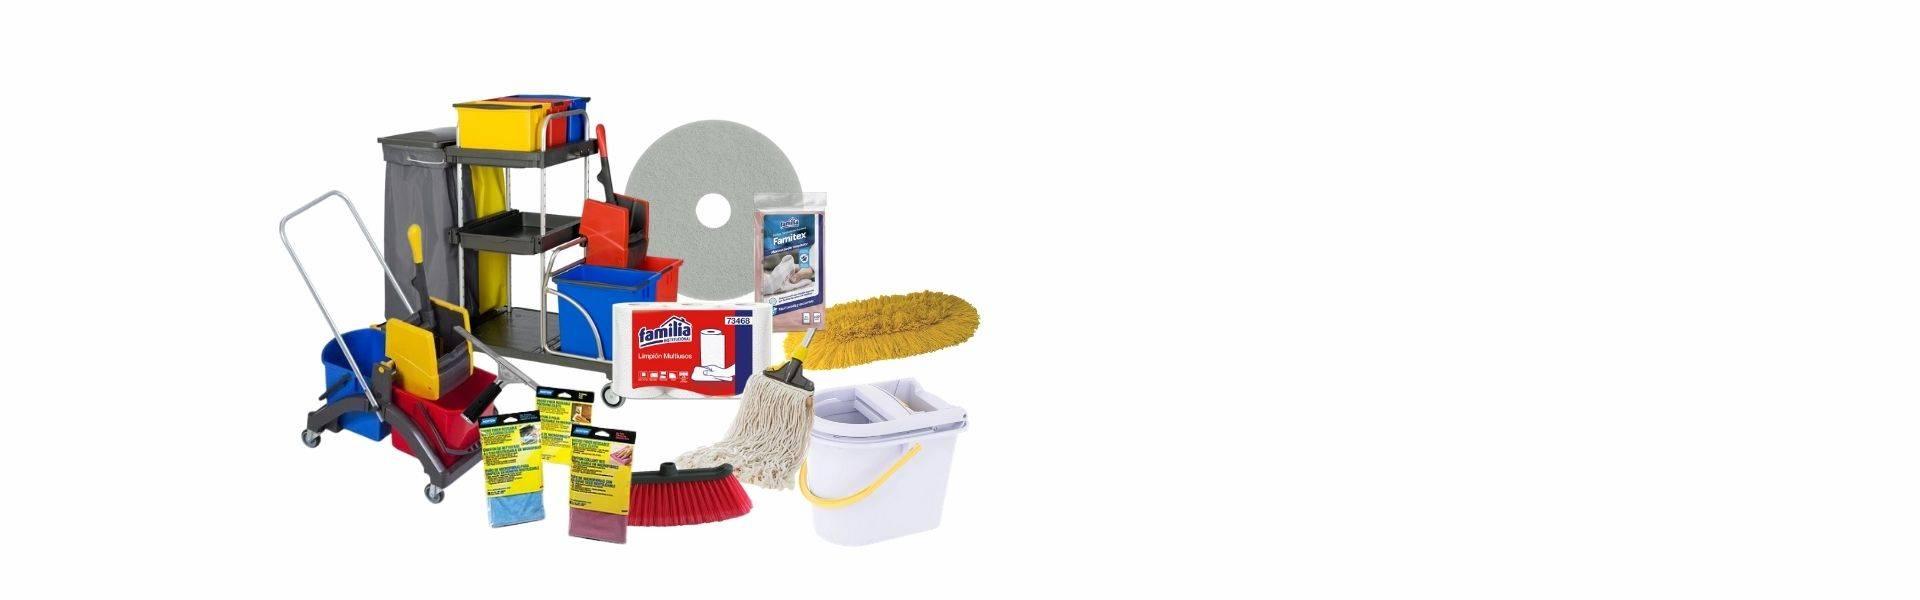 utiles-herramientas-de-limpieza-zinner